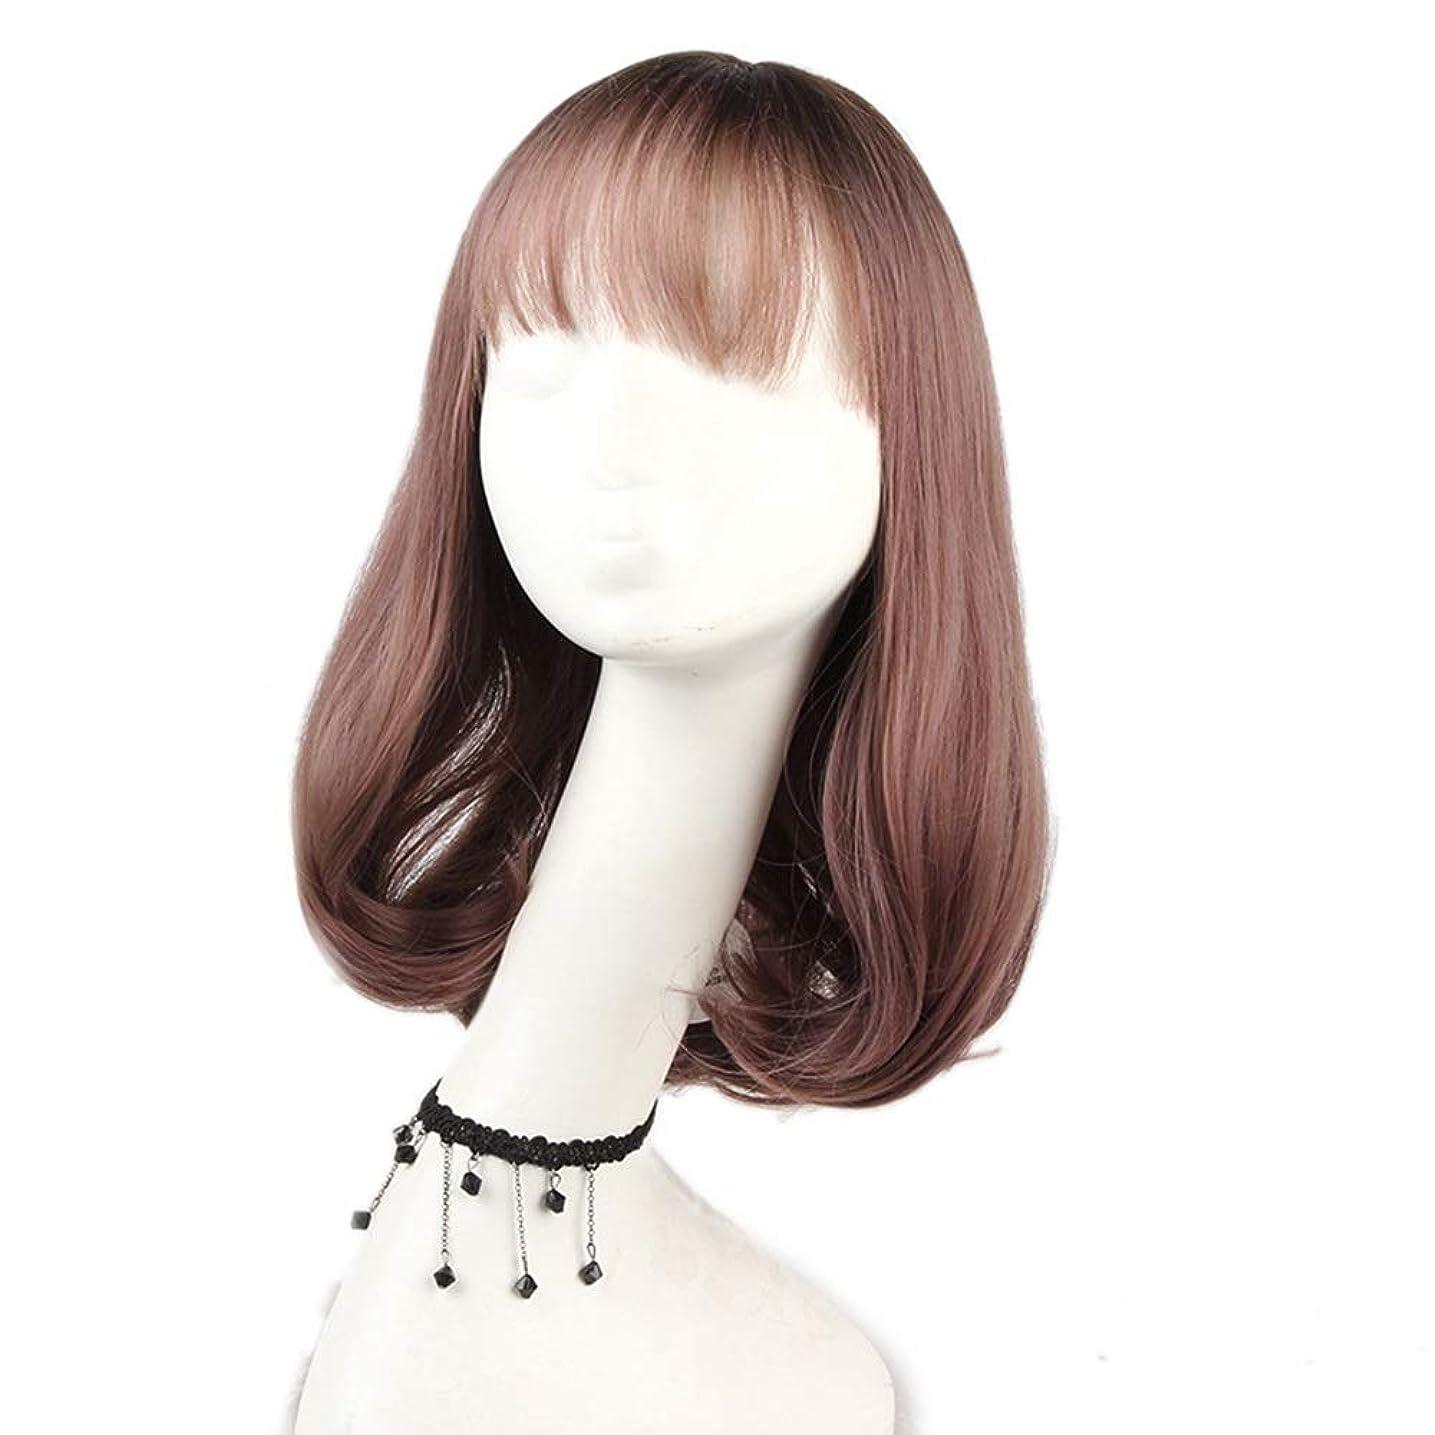 計り知れない薄いです接続されたIsikawan 梨花頭肩カールカール前髪ロングストレートヘアコスプレドレス用ショートボブウィッグ女性用 (色 : A, サイズ : 30cm)